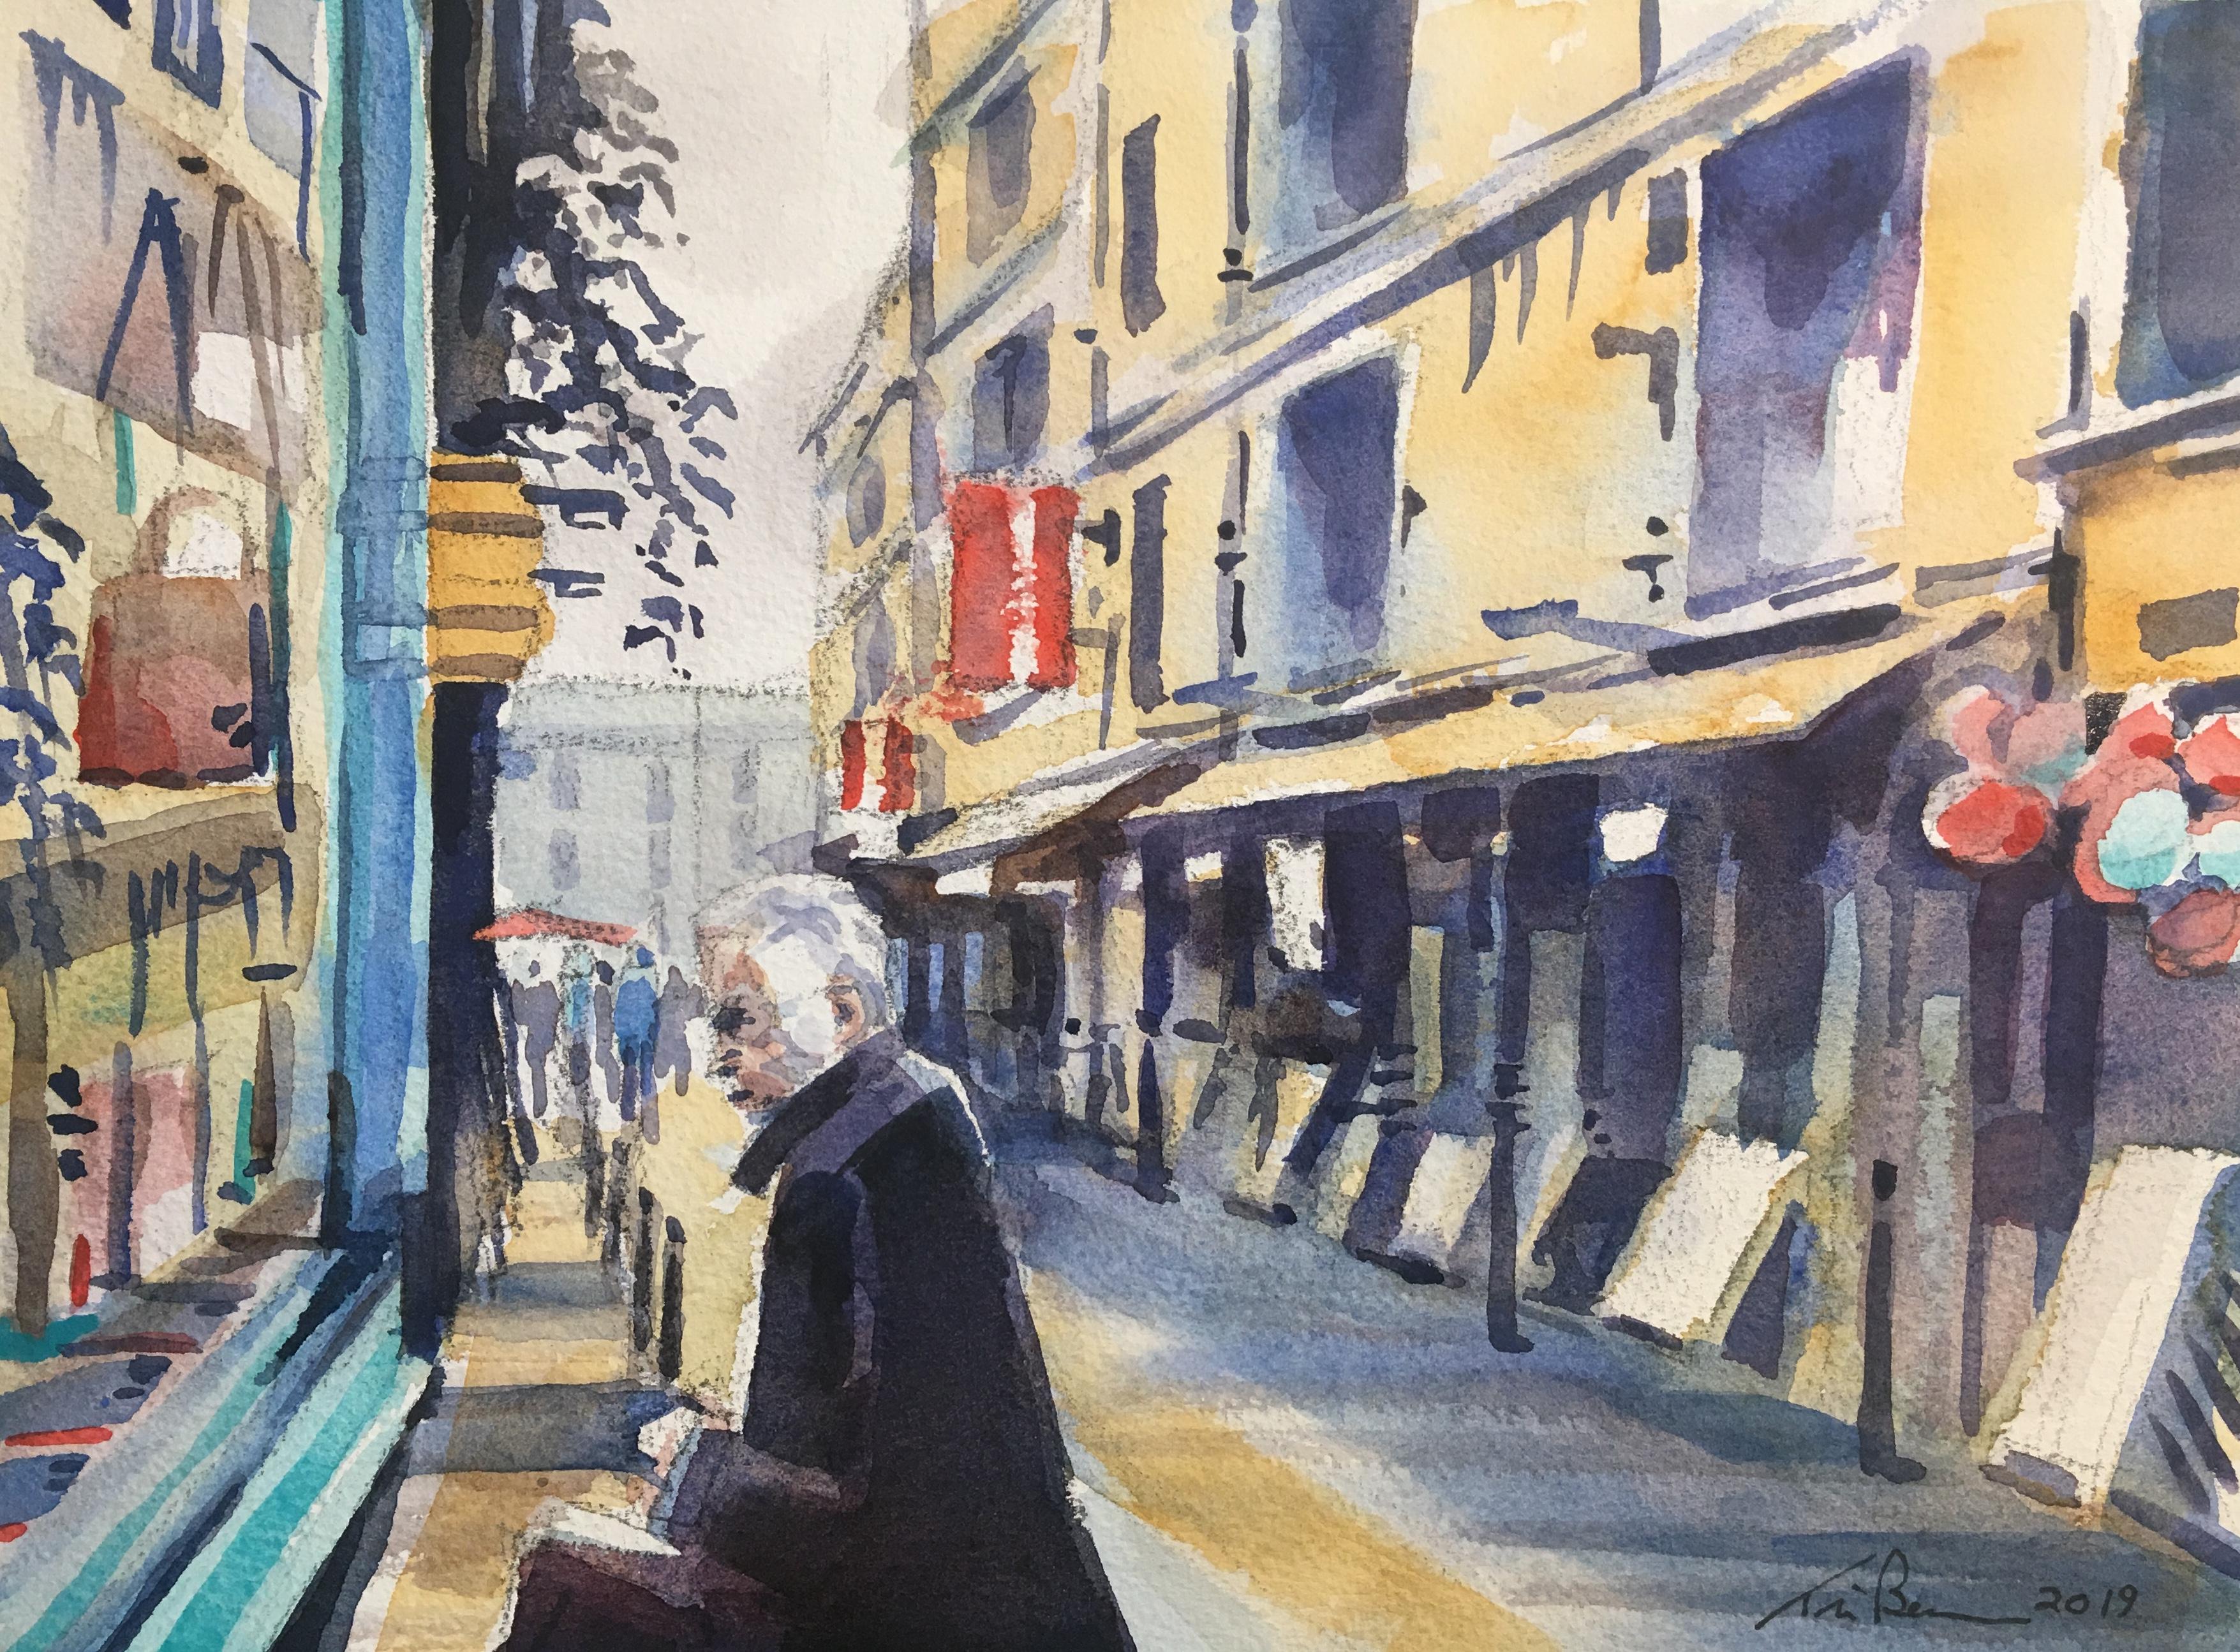 Shop Window, Saint-Germain, Paris